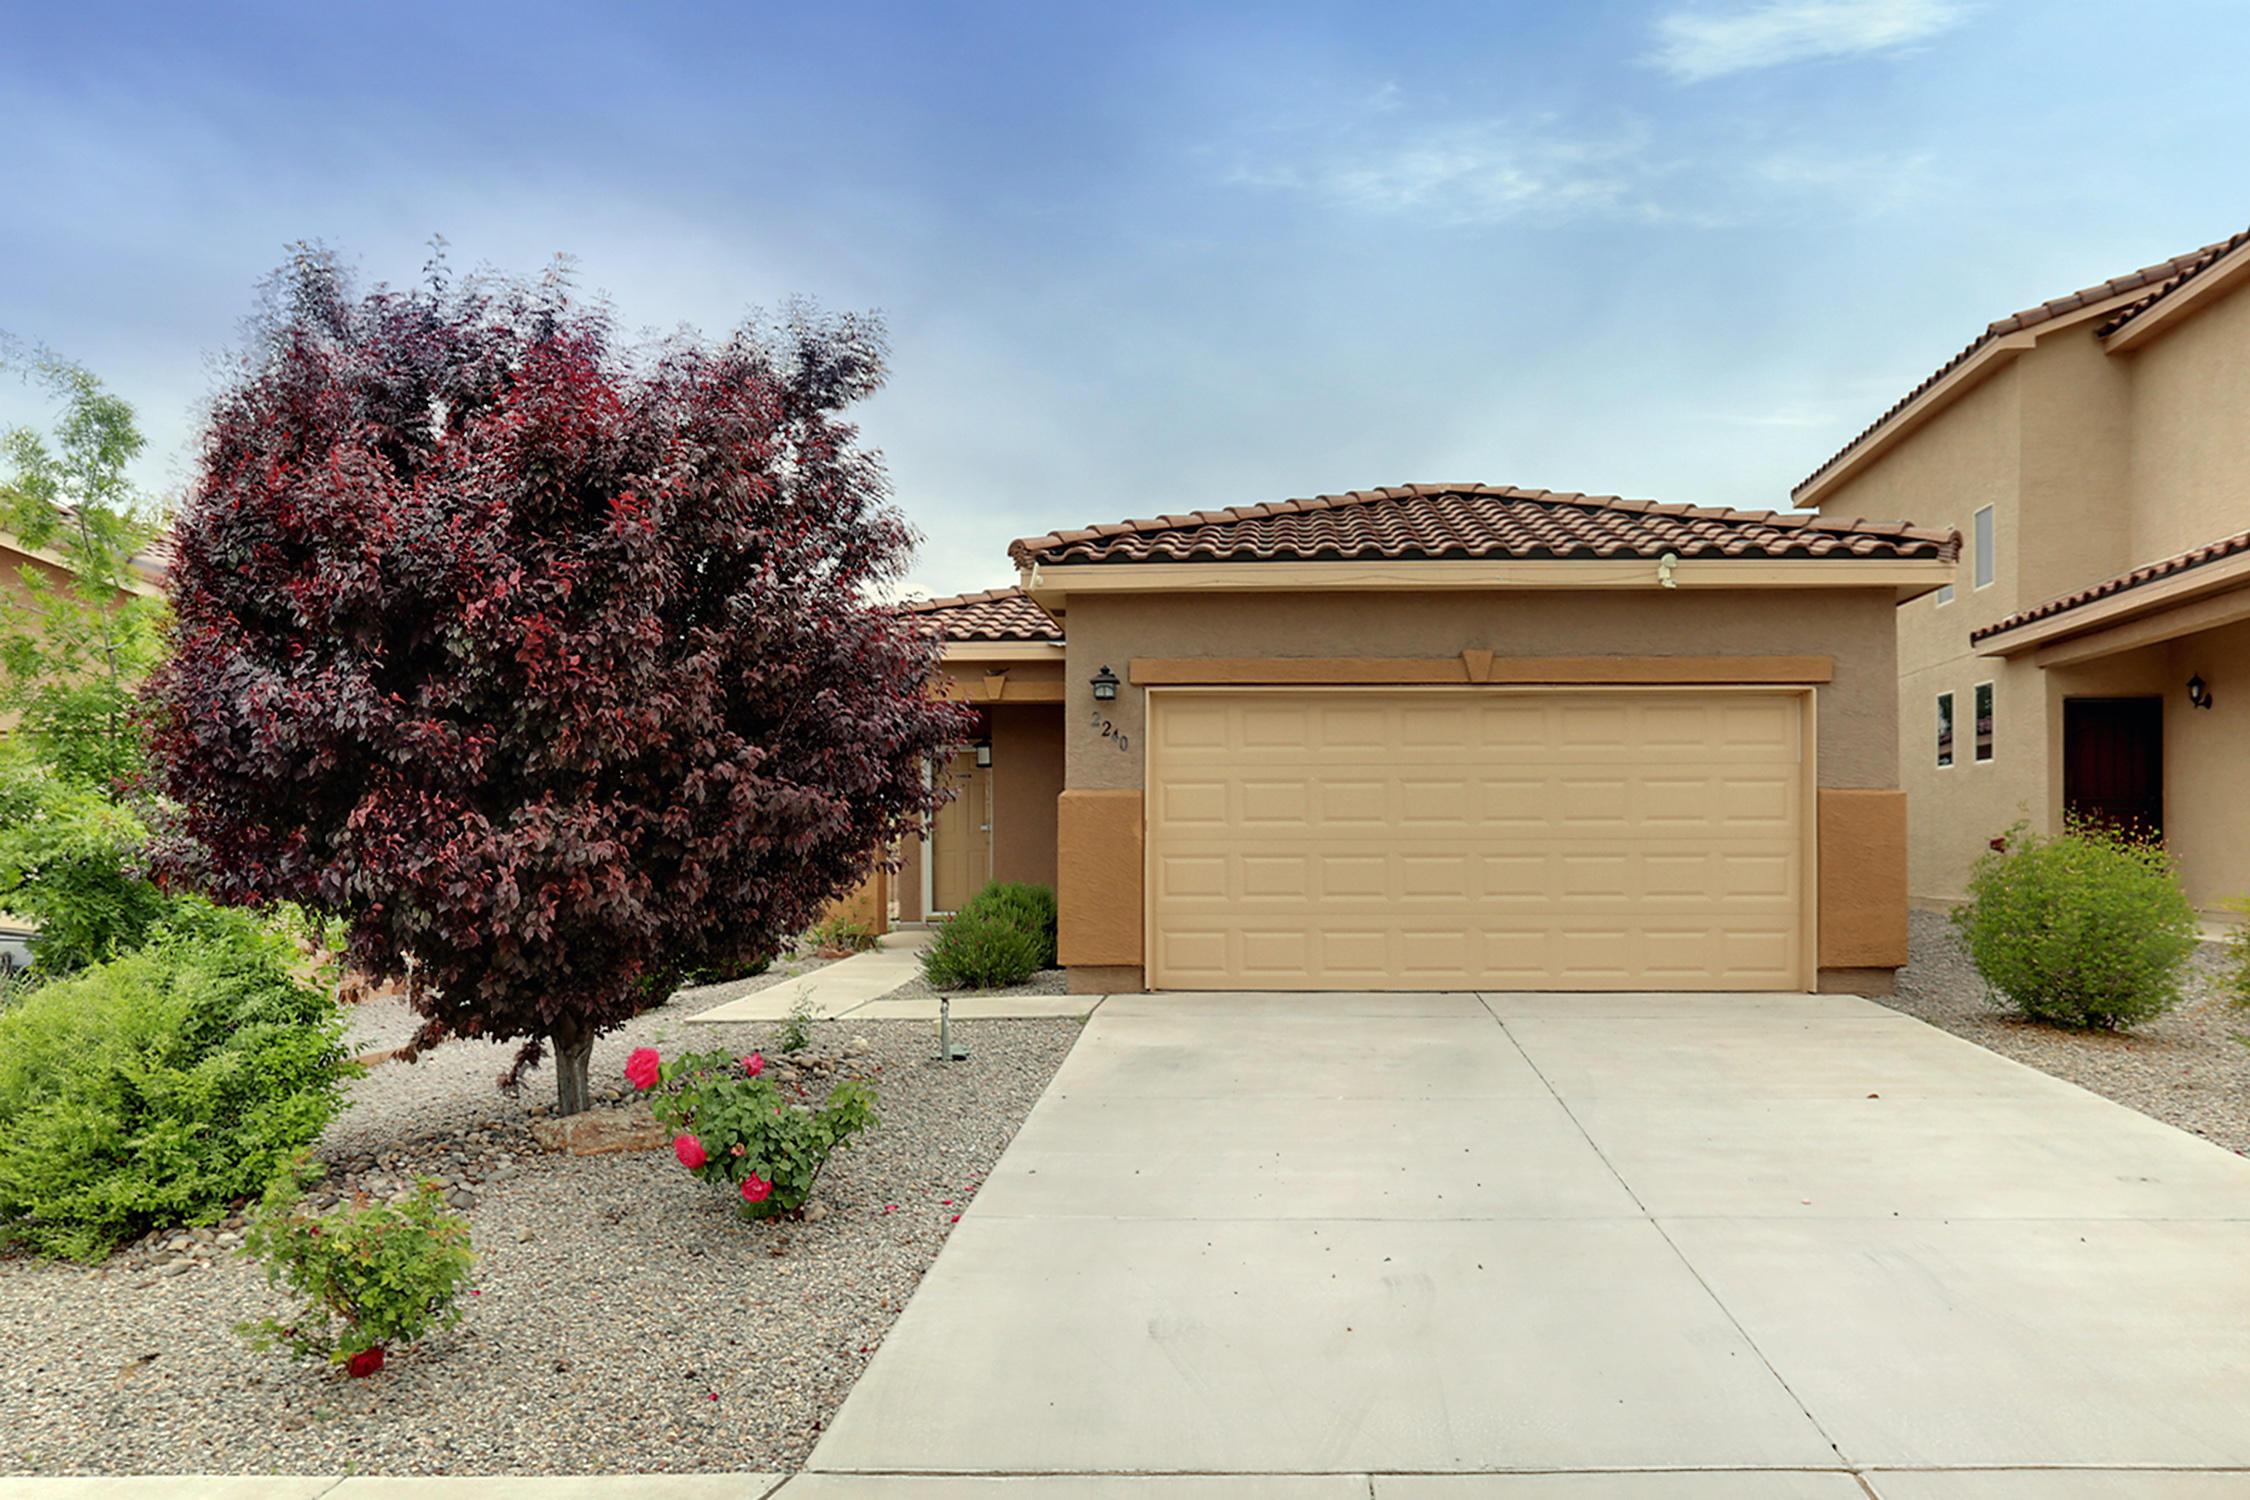 2240 SE Violeta Circle, Rio Rancho, New Mexico